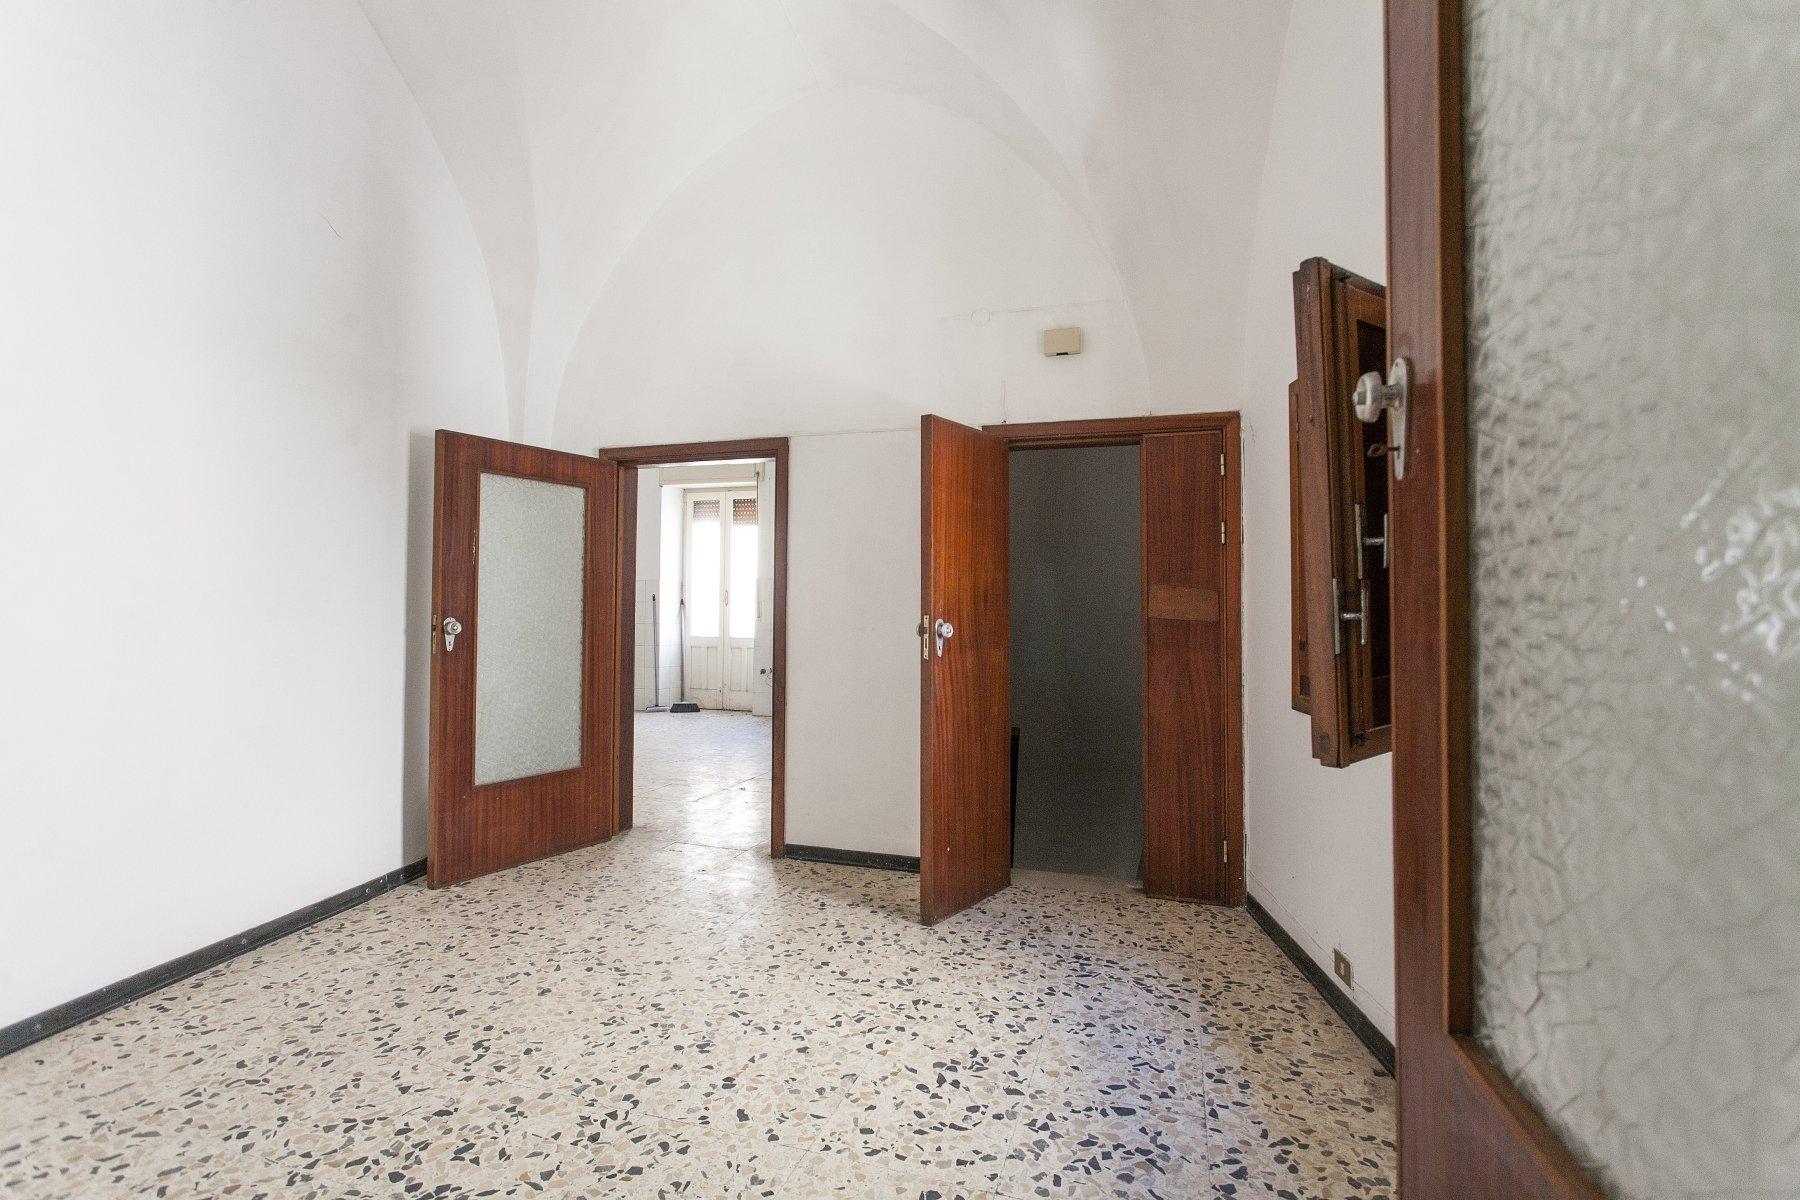 Casa indipendente,2 camere, terrazza